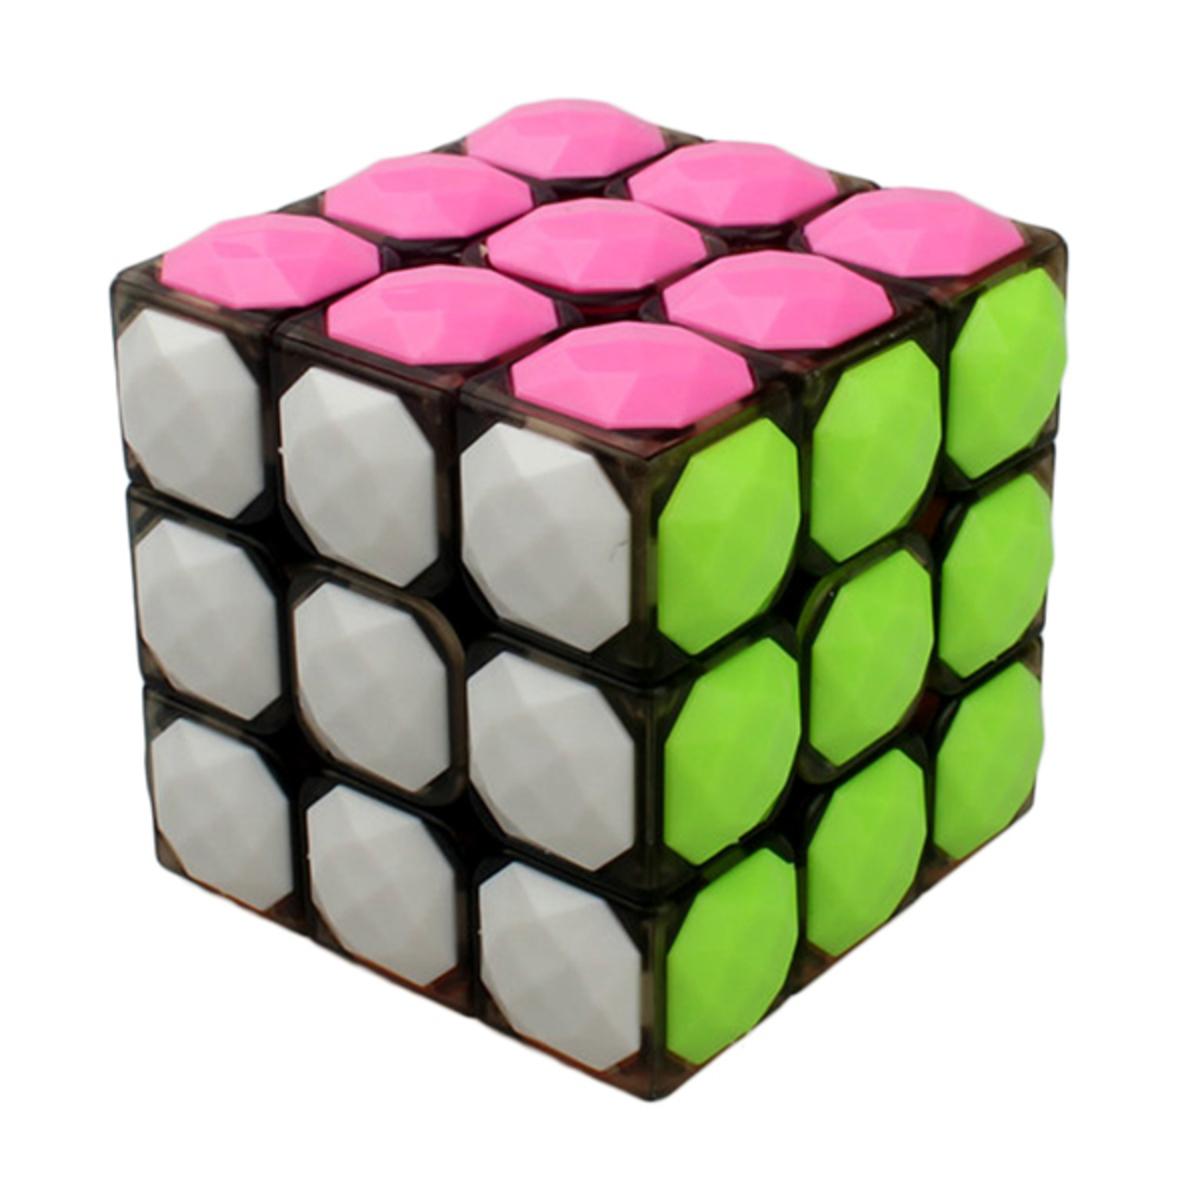 3x3x3 Carat Diamond